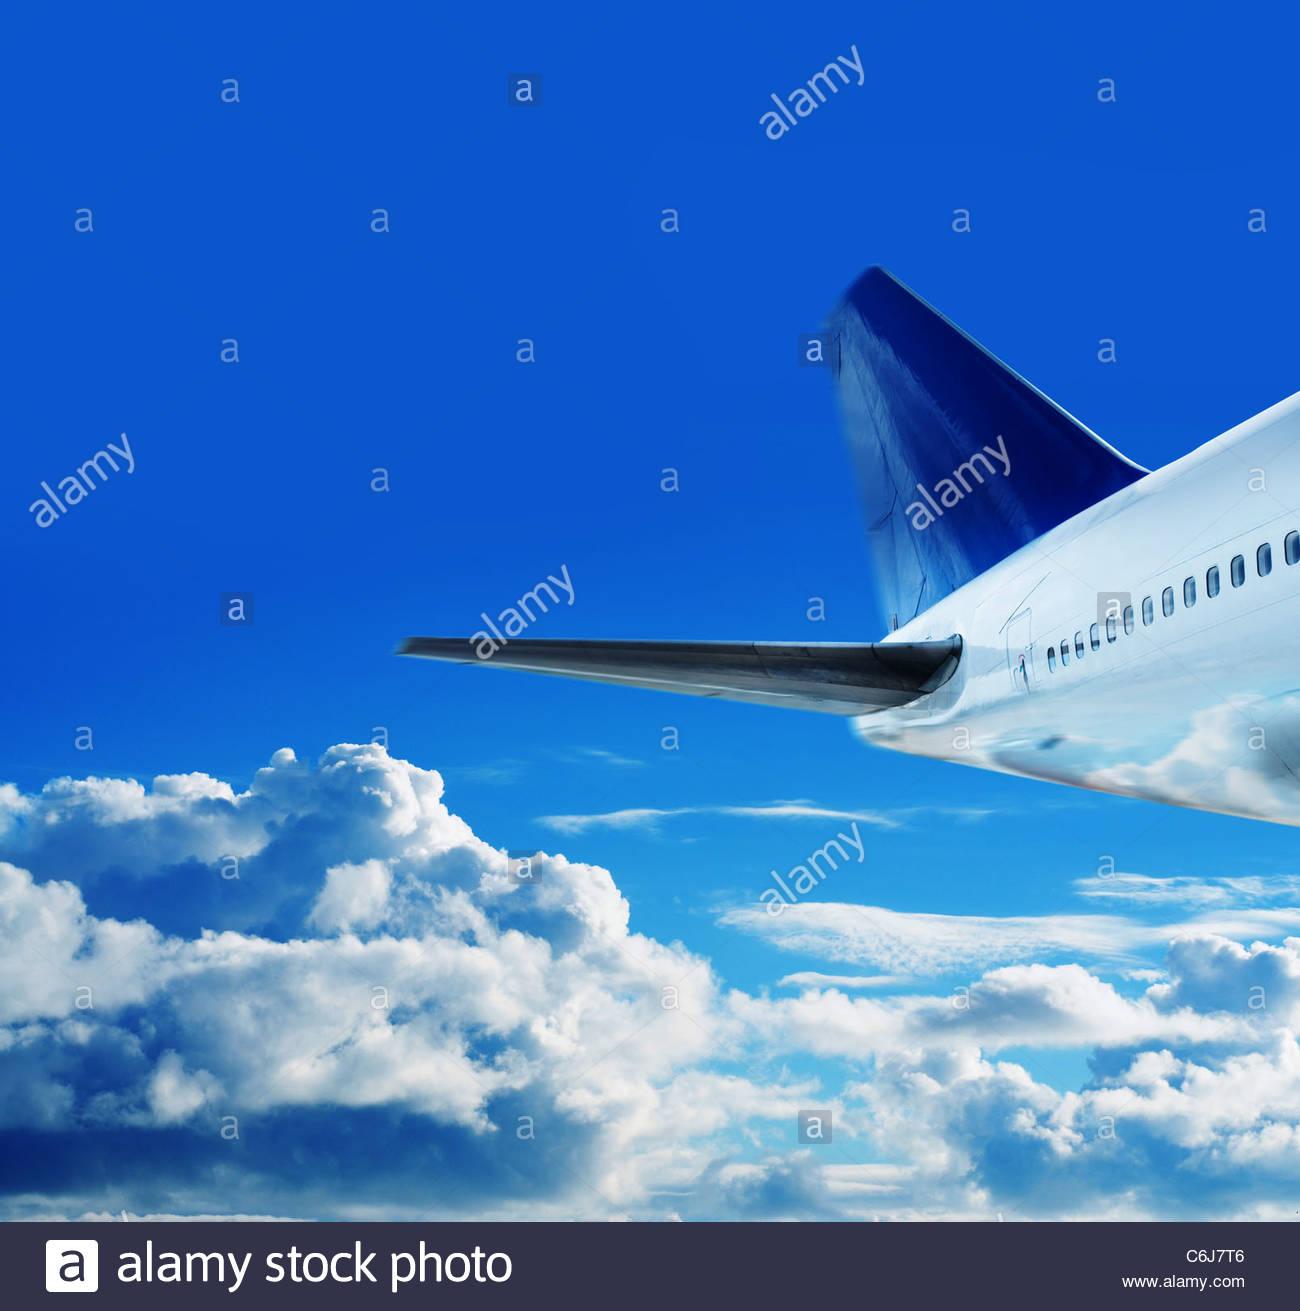 jumbo jet in sky - Stock Image